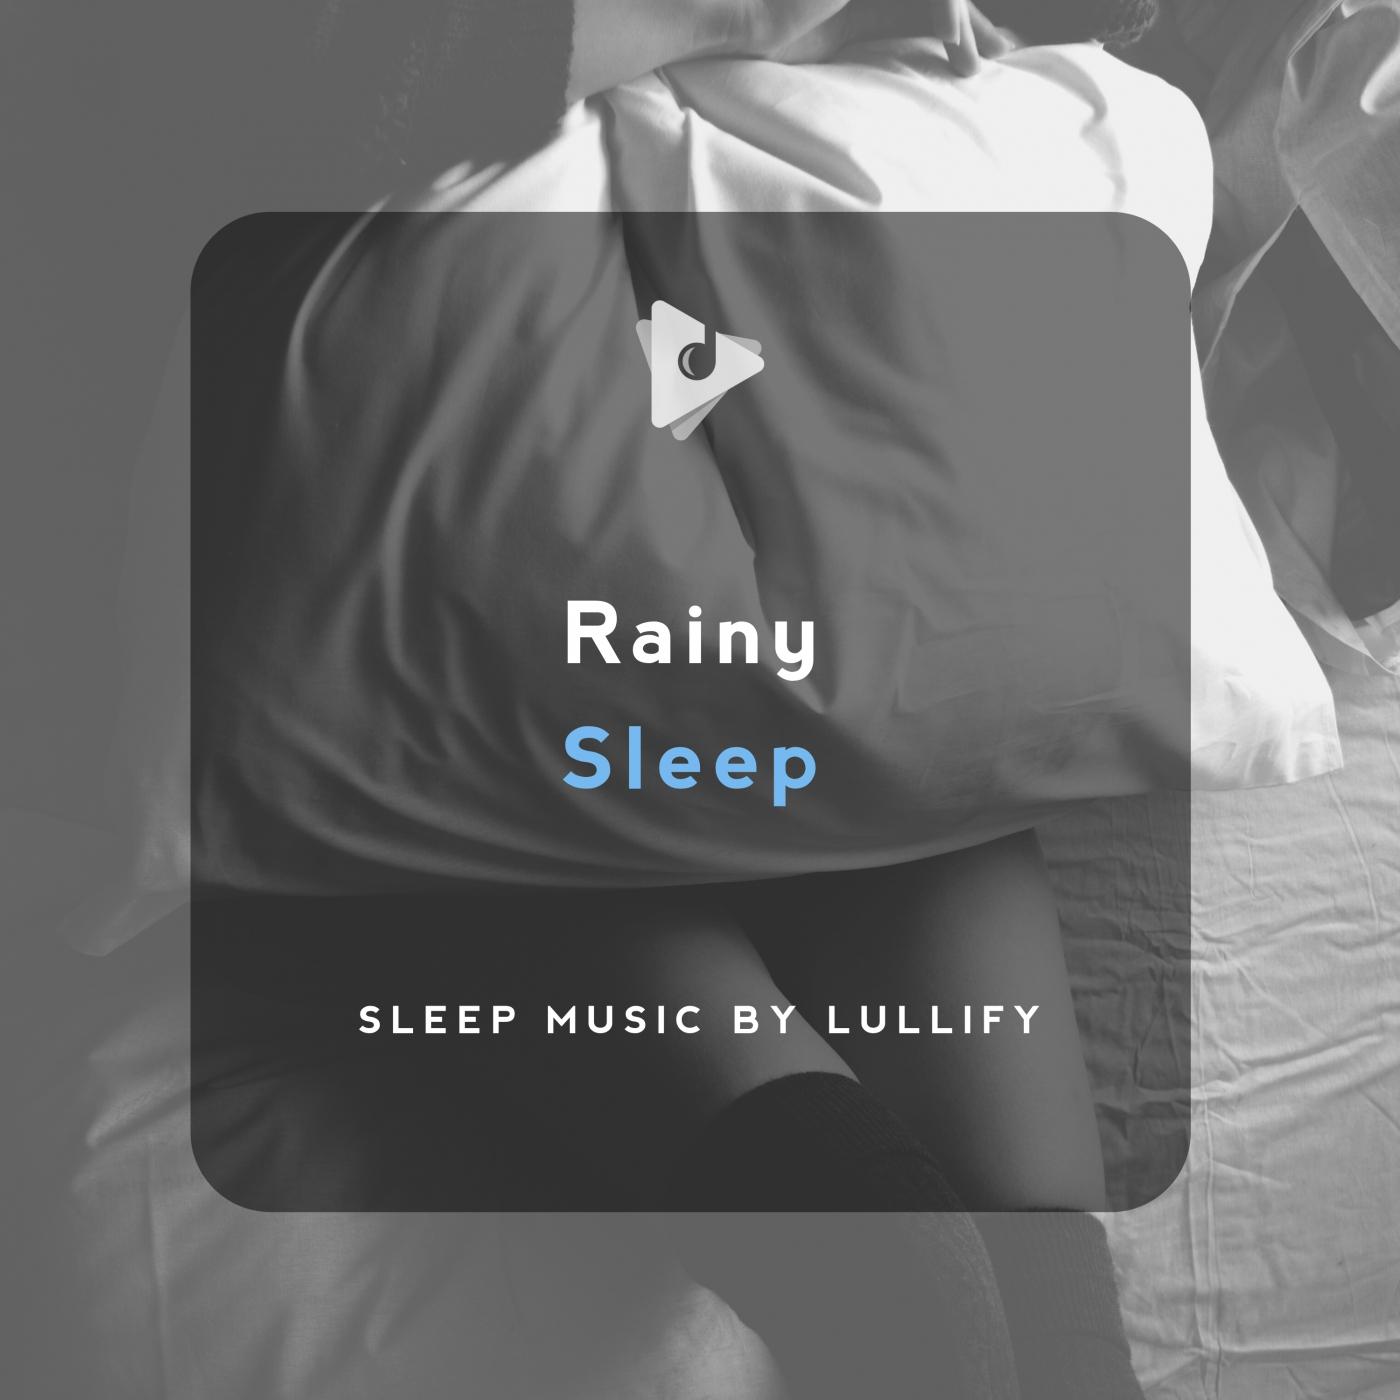 Rainy Sleep